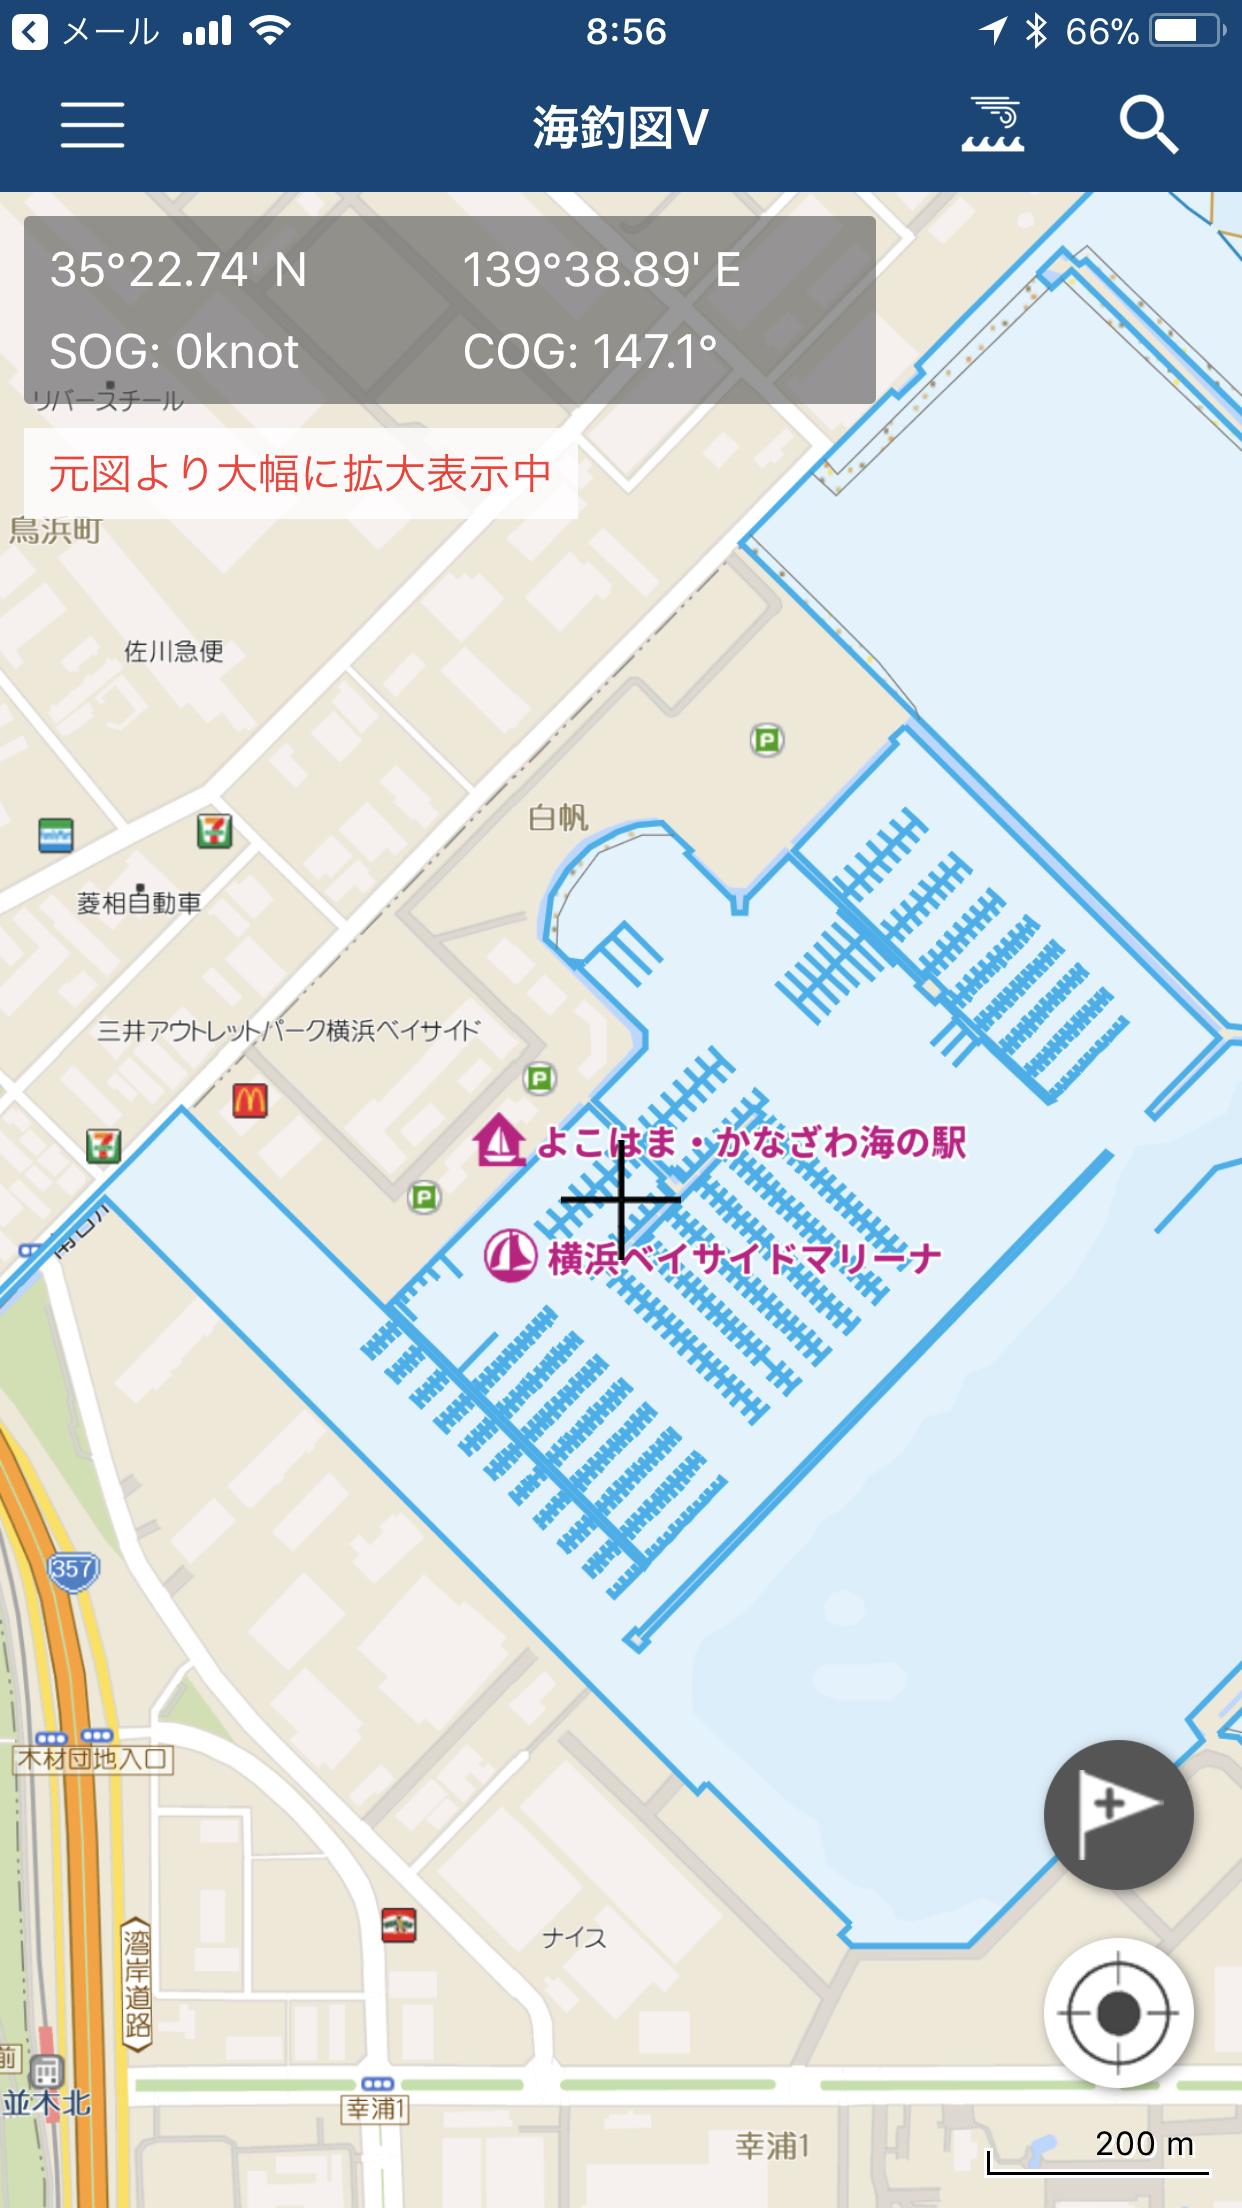 マリーナ・海の駅情報画面